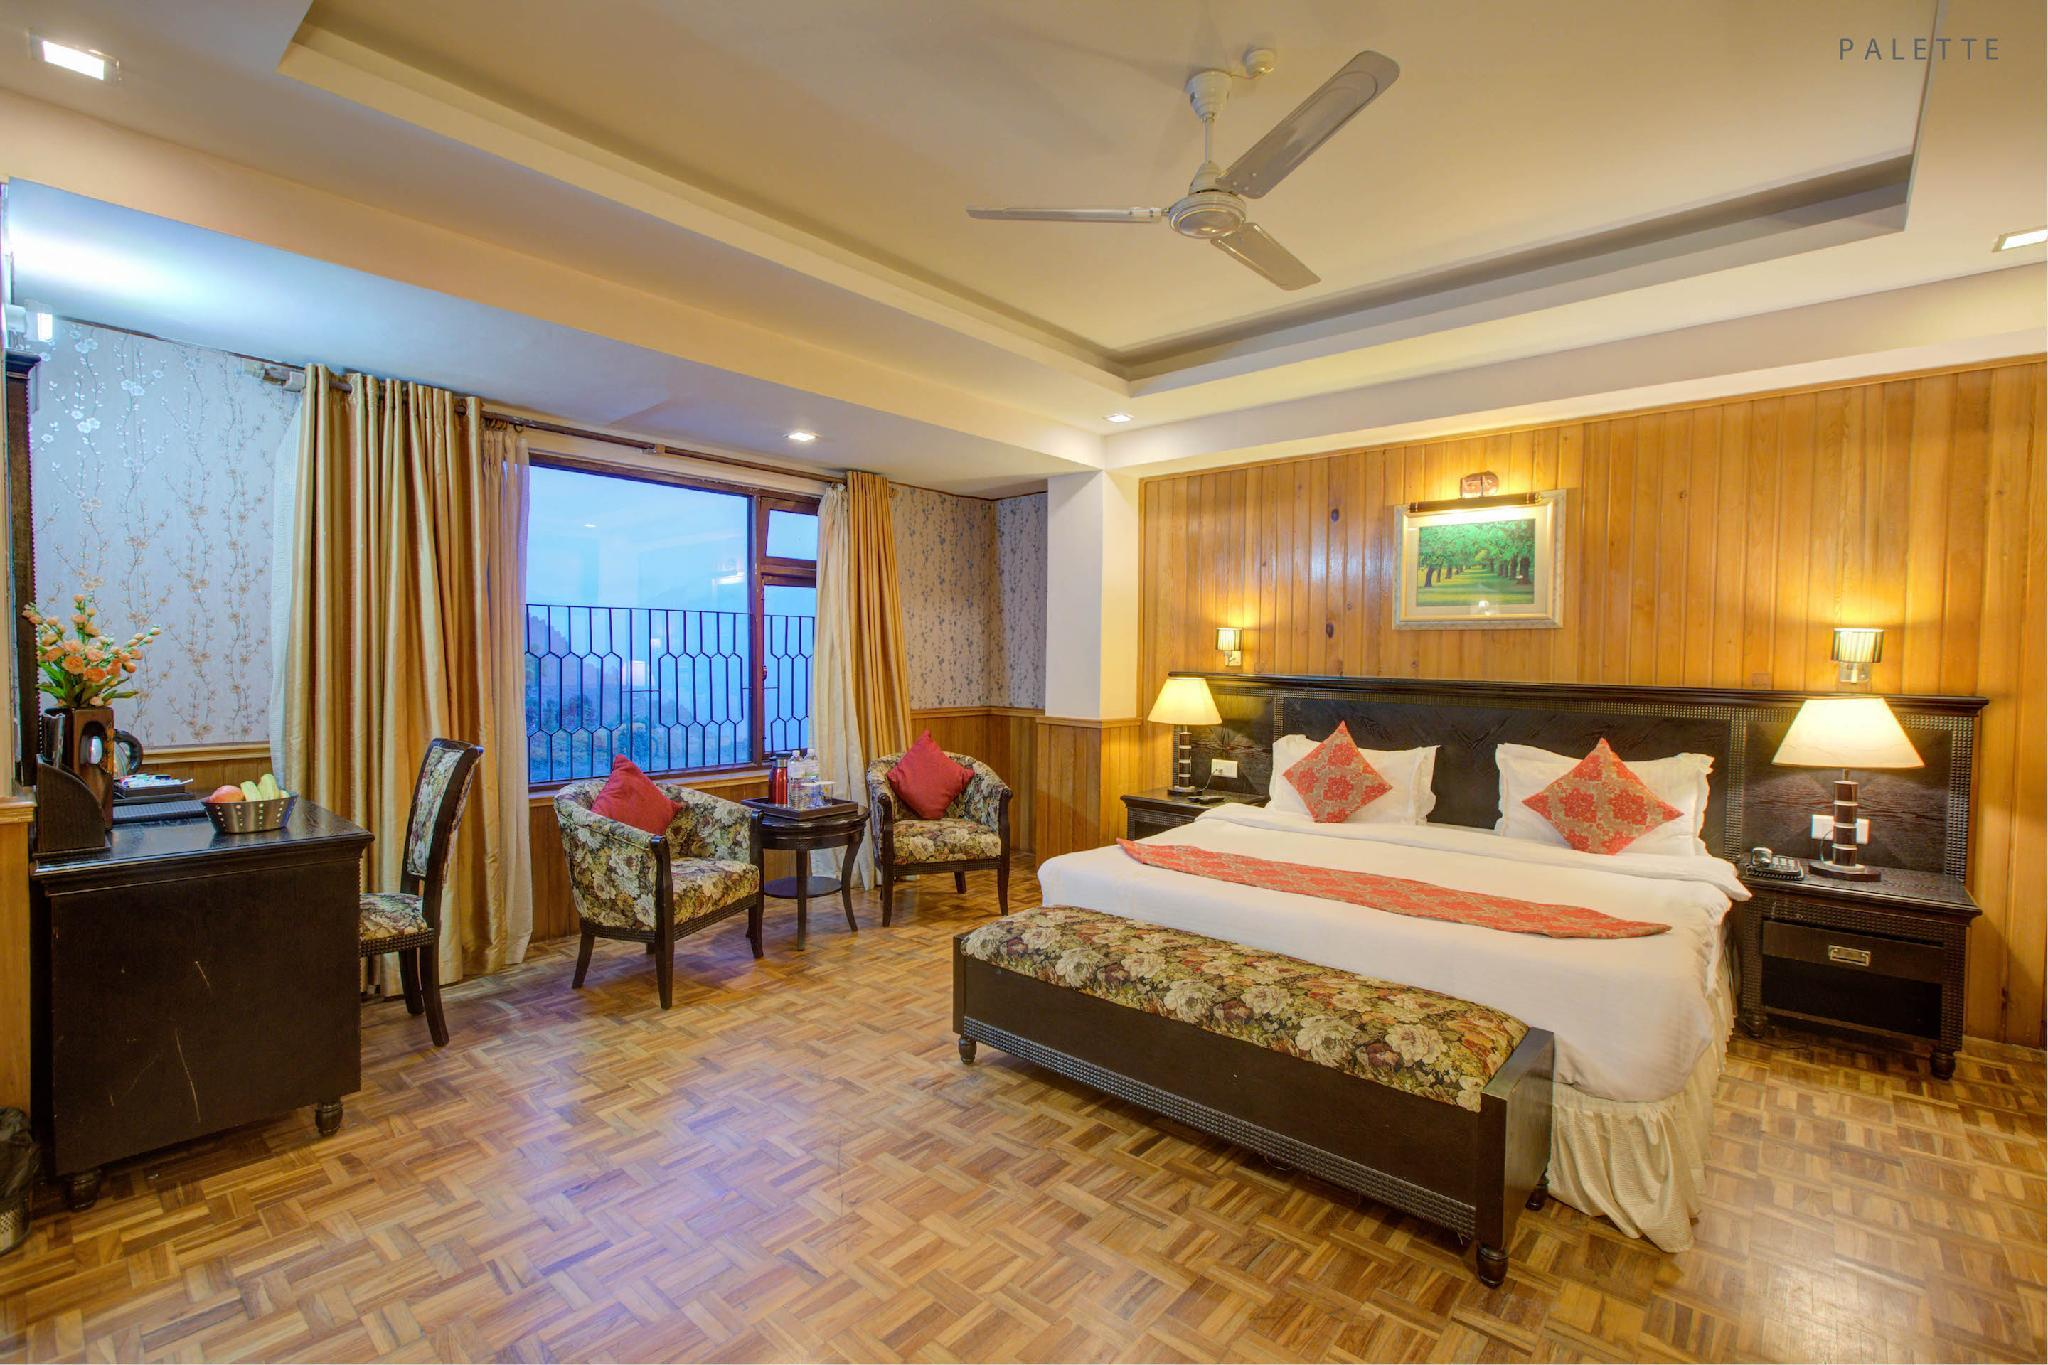 Palette   Tamarind Residency Resort